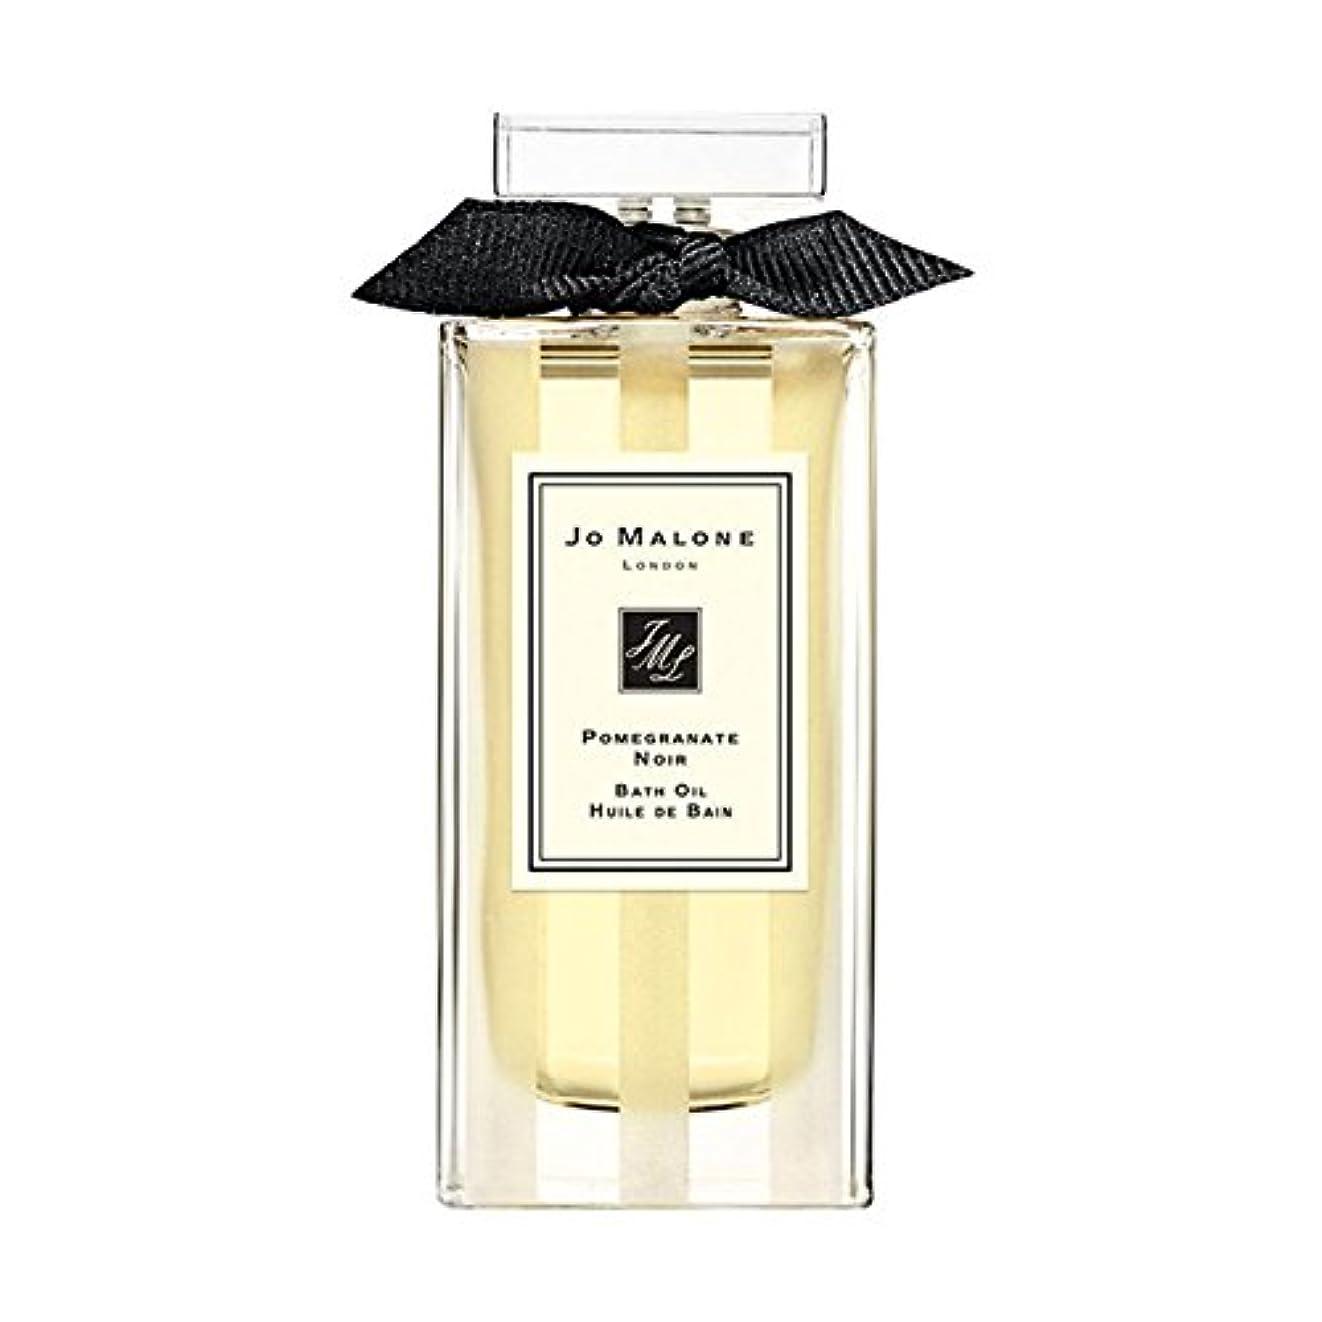 奇跡脈拍海洋のJo Malone ジョーマローン, バスオイル -ザクロ?ノワール (30ml),'Pomegranate Noir' Bath Oil (1oz) [海外直送品] [並行輸入品]